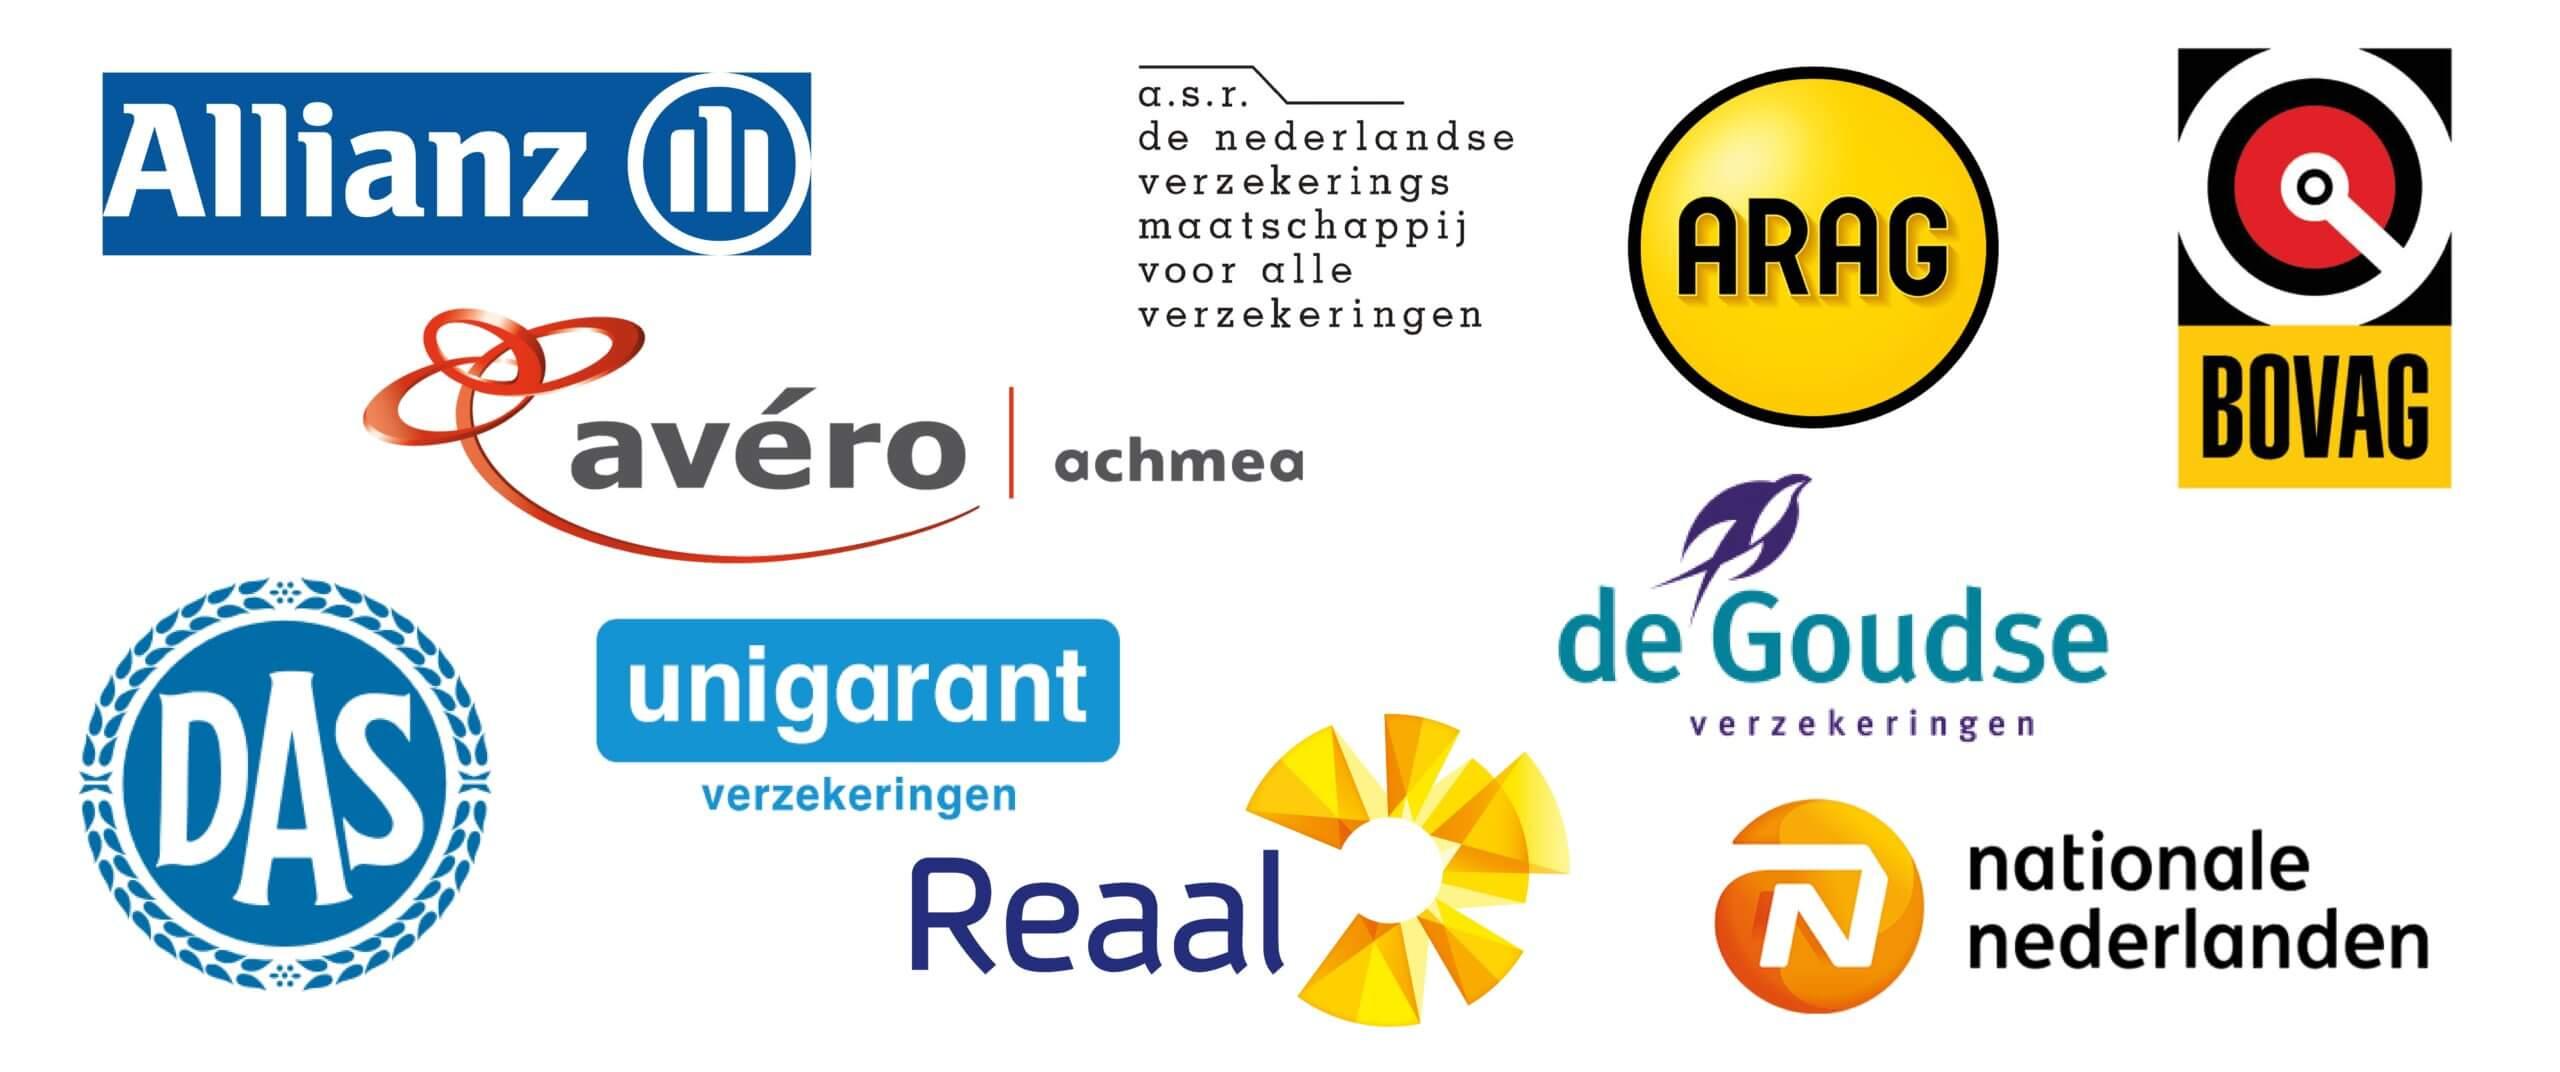 Pakketverzekering-en-een goed-verzekeringspakket-zijn-niet-hetzelfde-Depremievergelijker.nl